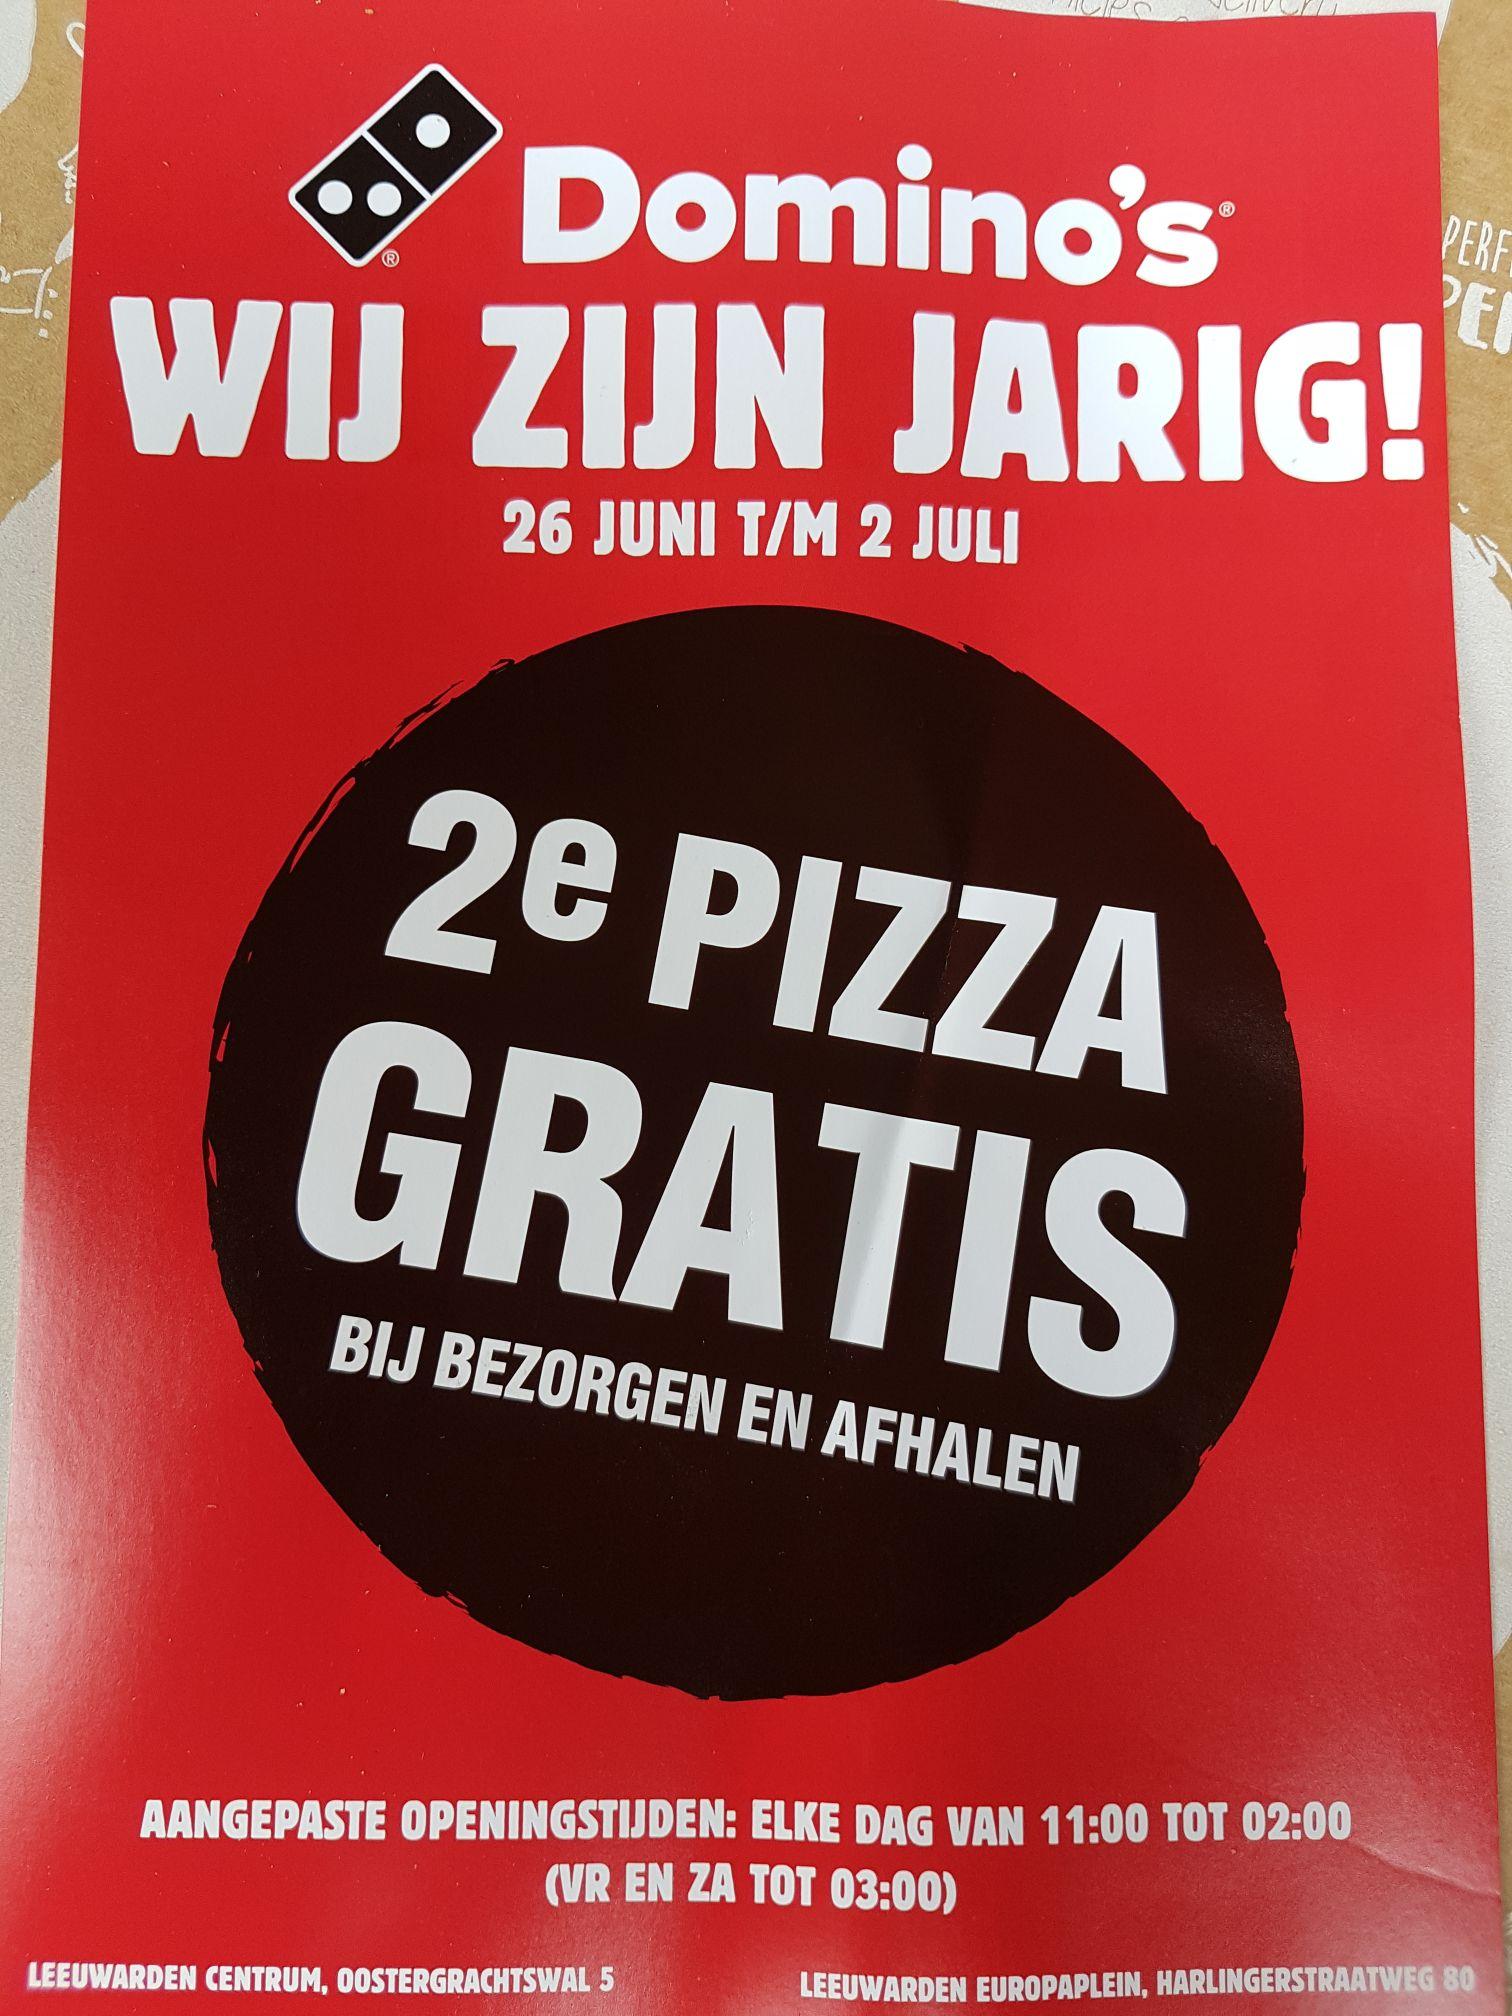 Domino's (Leeuwarden) 26 juni t/m 2 juli de 2e pizza gratis bij bezorgen en afhalen.